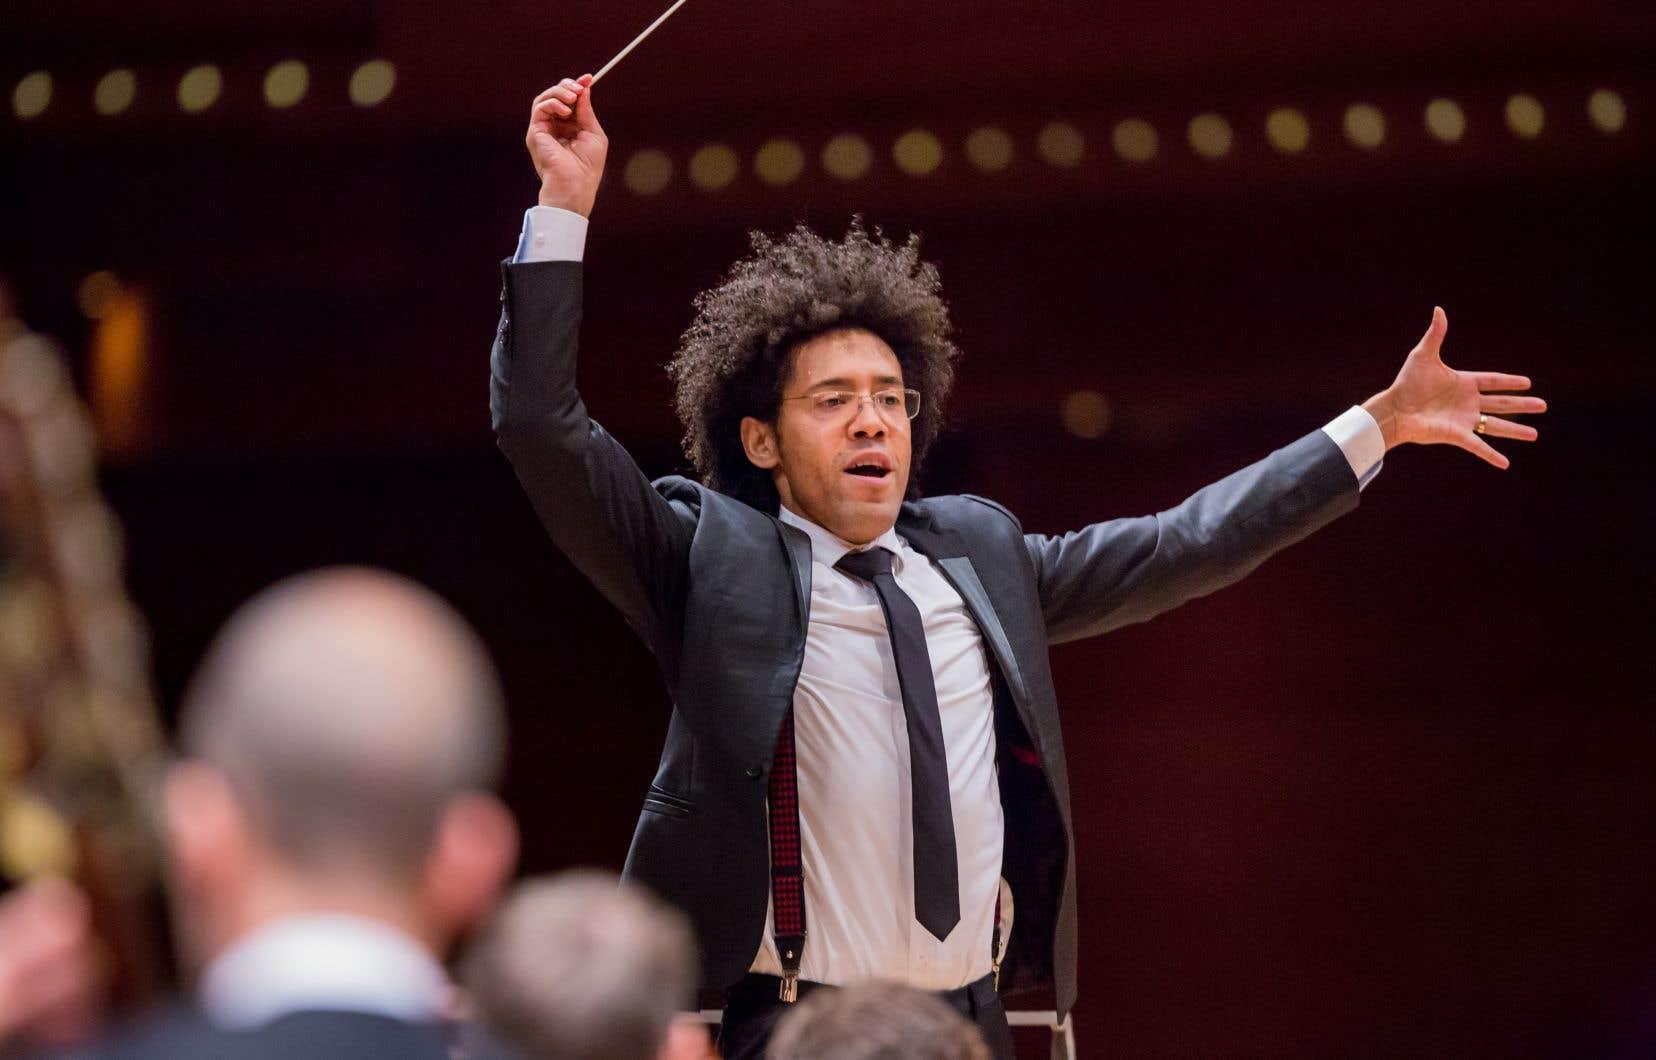 Le chef d'orchestre vénézuélien Rafael Payare